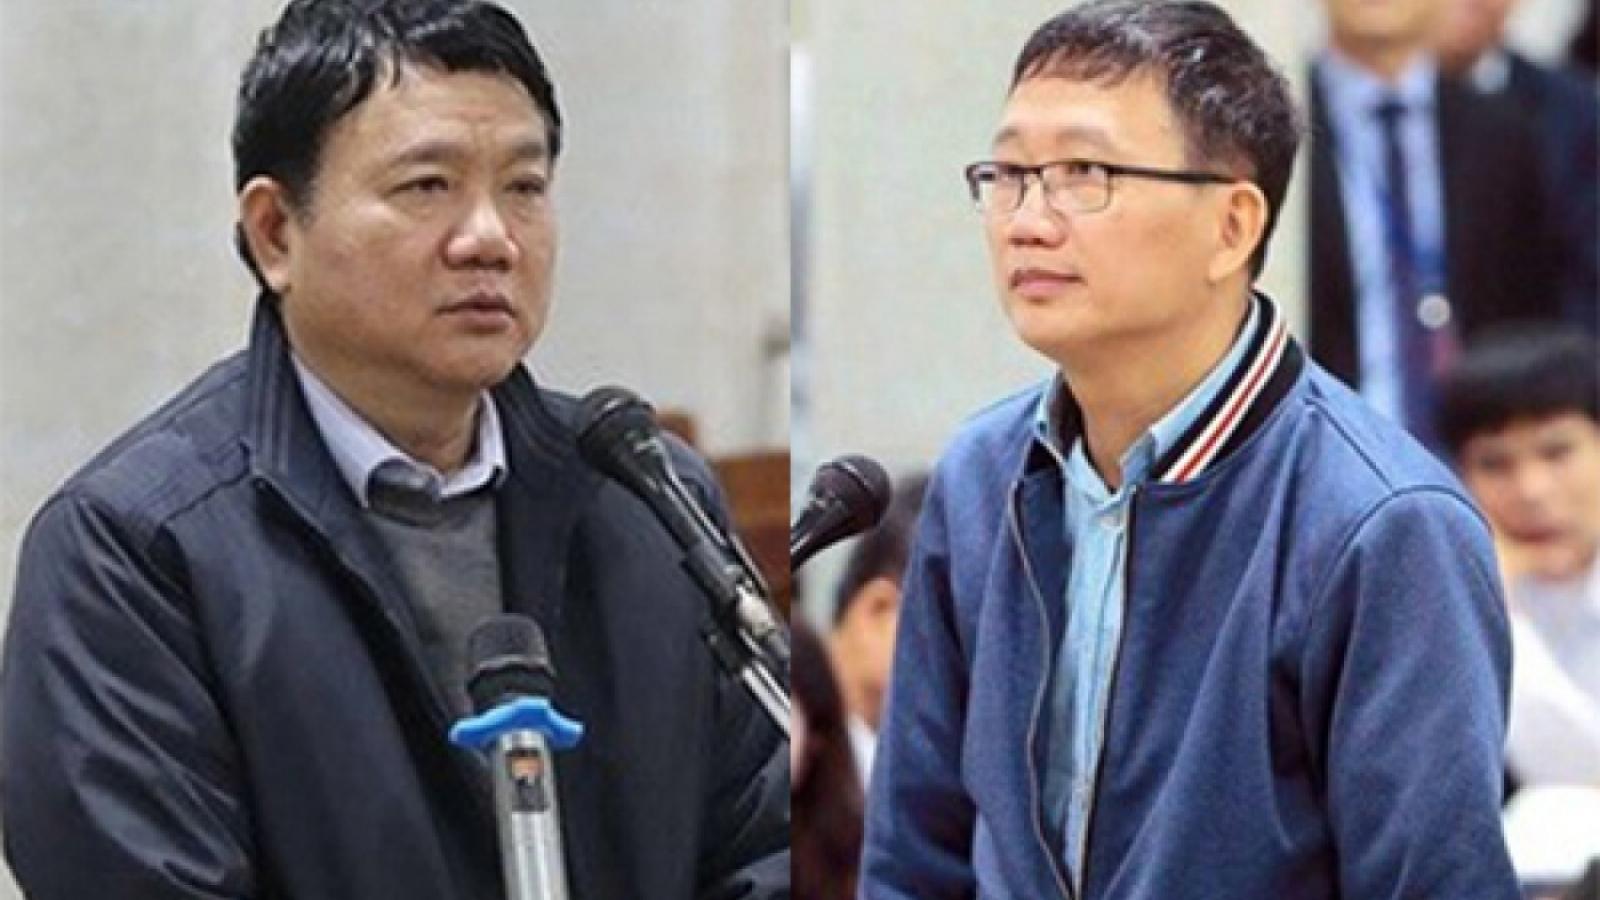 Nóng 24h: Ông Đinh La Thăng bị truy tố trong vụ Ethanol Phú Thọ